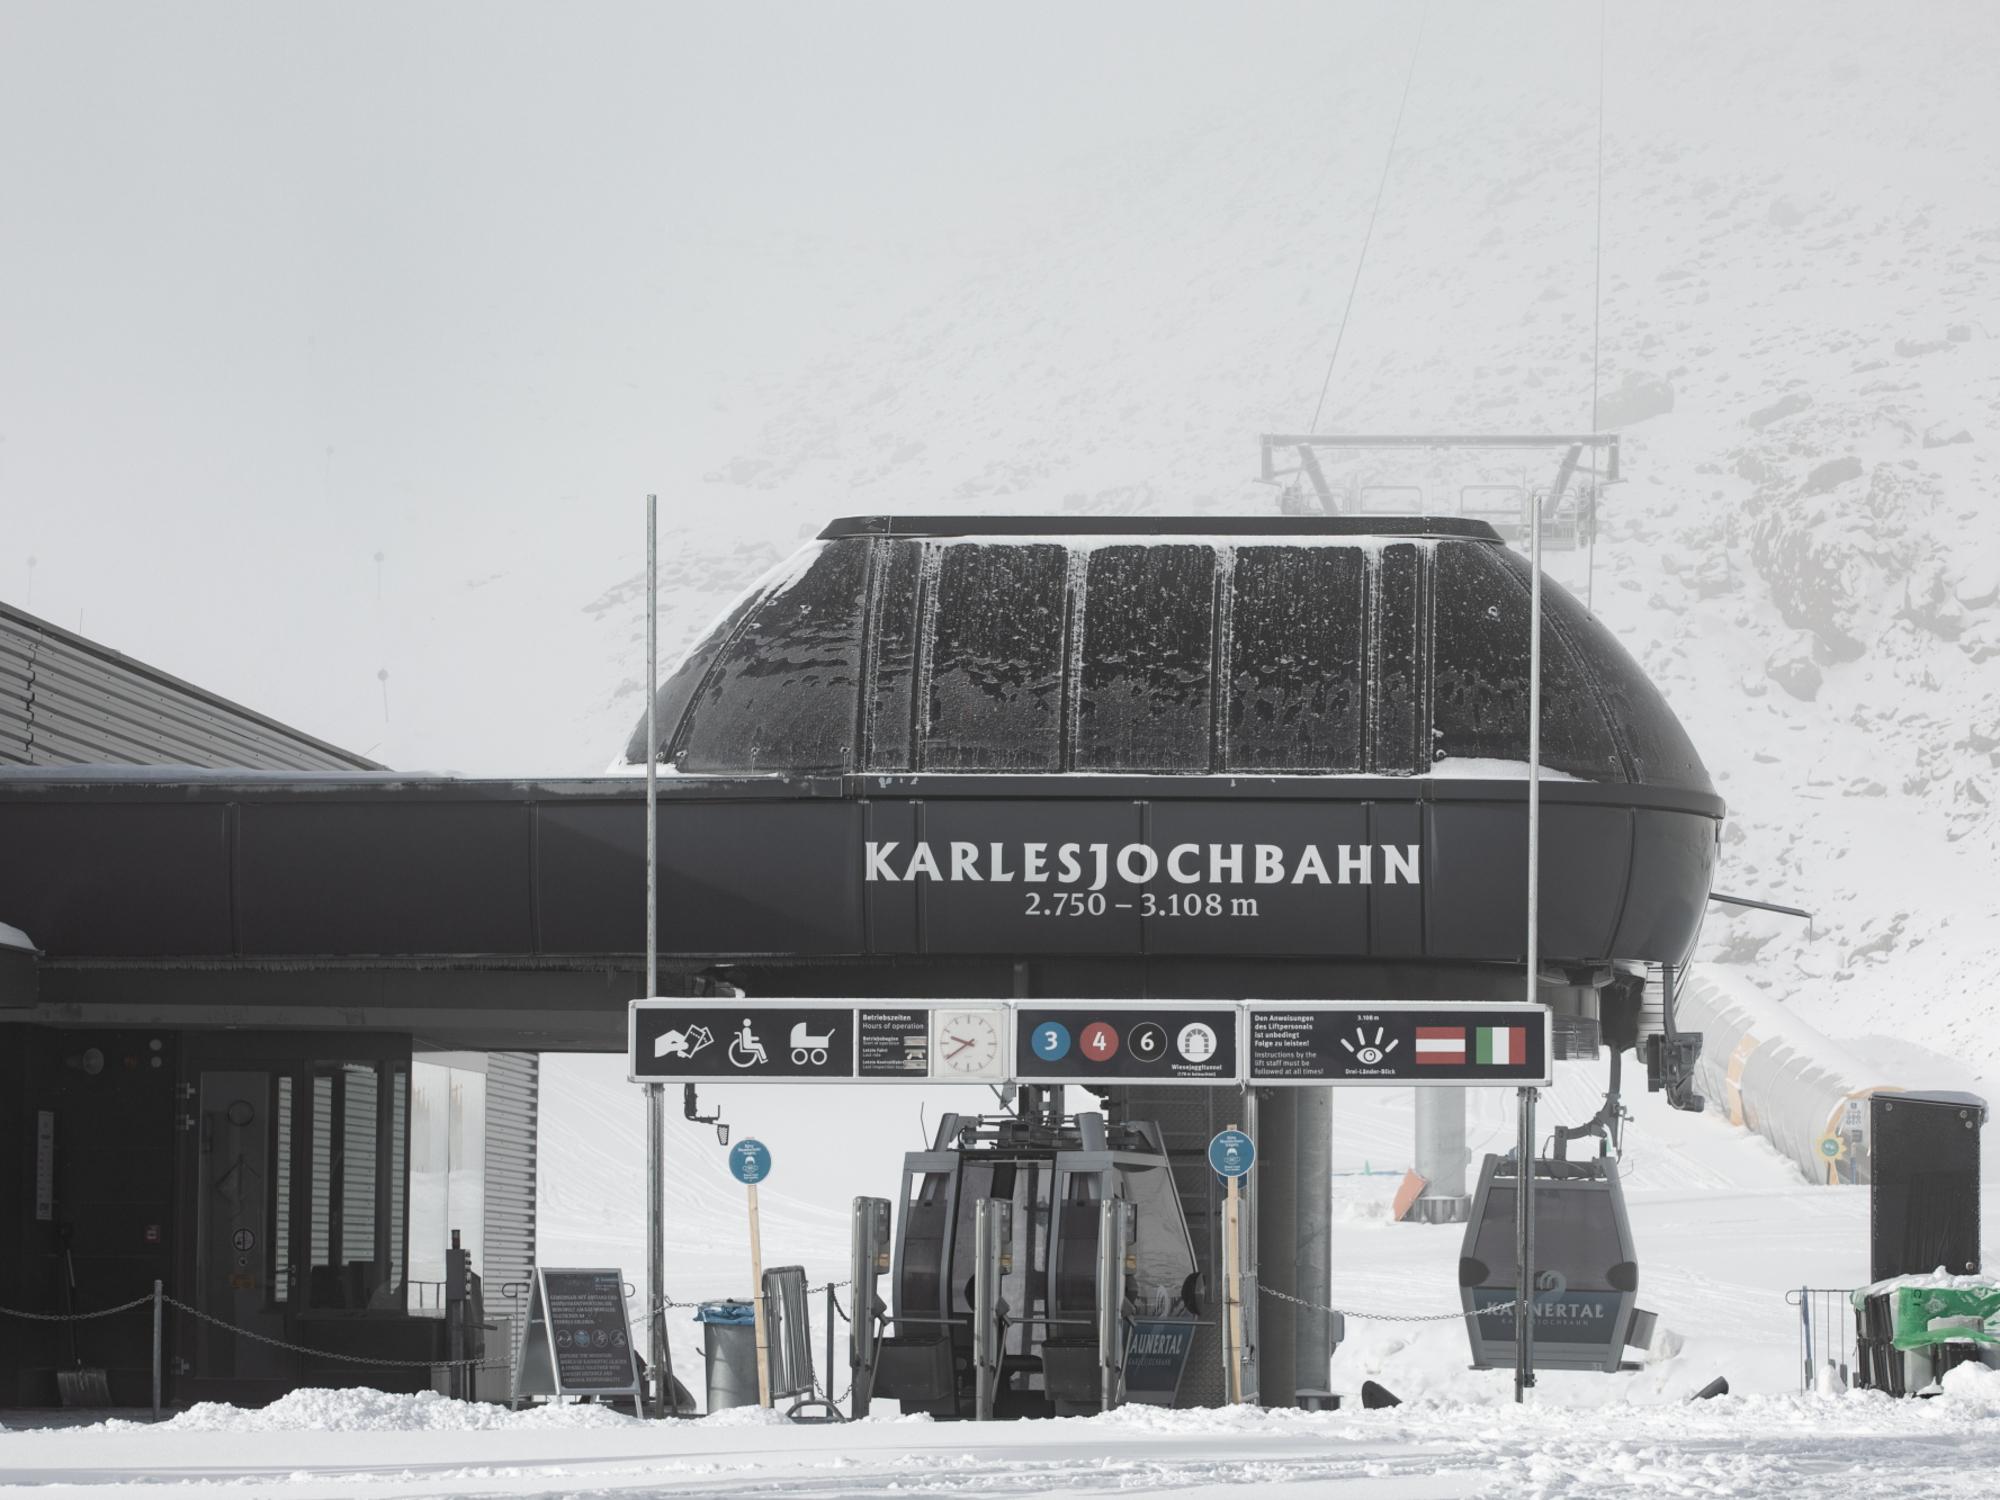 Blick auf die Talstation der Karlesjochbahn